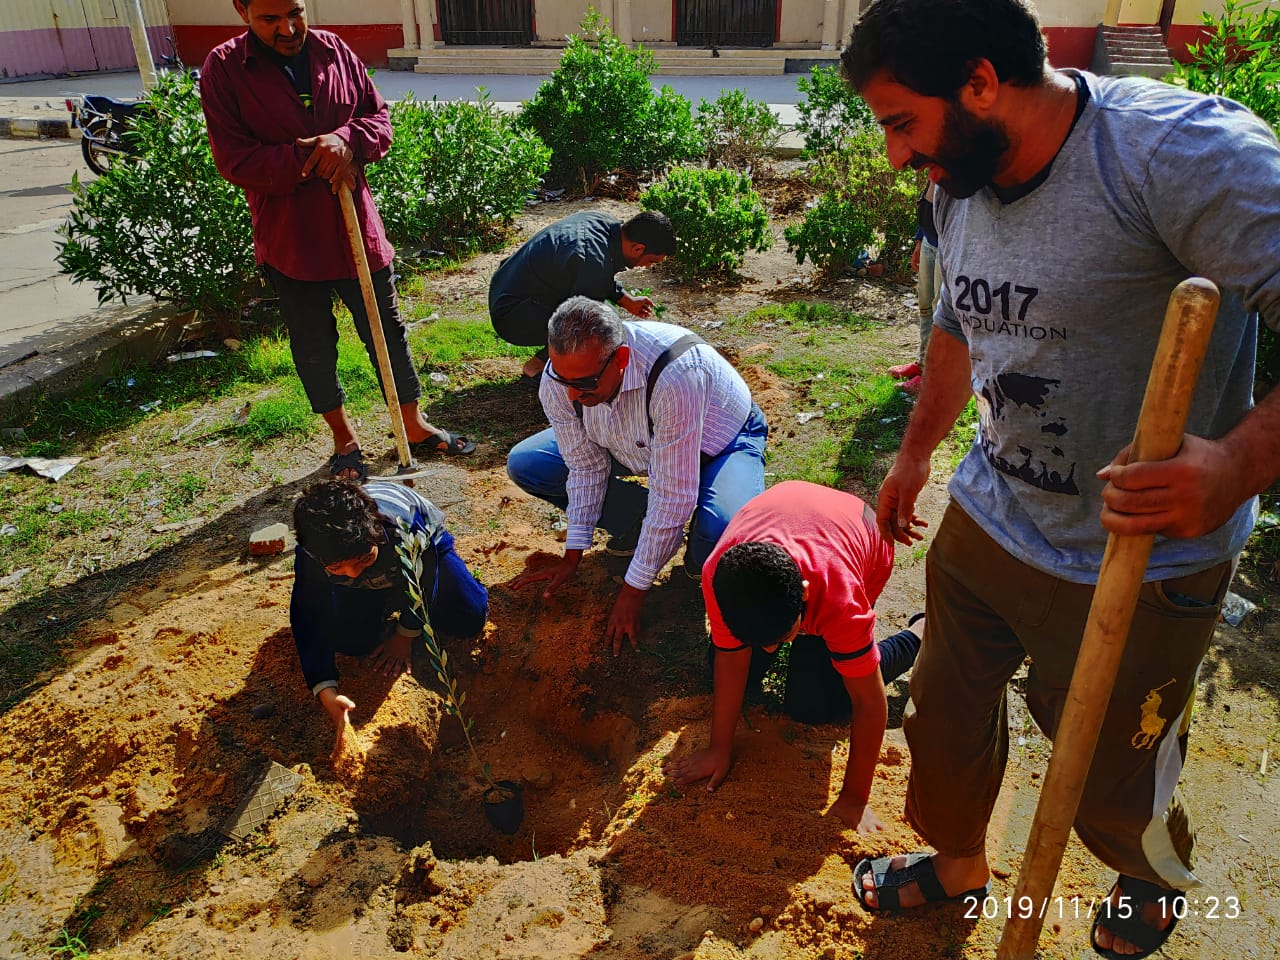 """""""البيئة"""" : استمرار التعاون بين  """" اتحضر للأخضر"""" و """" شجرها """".. و زراعة  2500 شجرة مثمرة  بدمياط"""